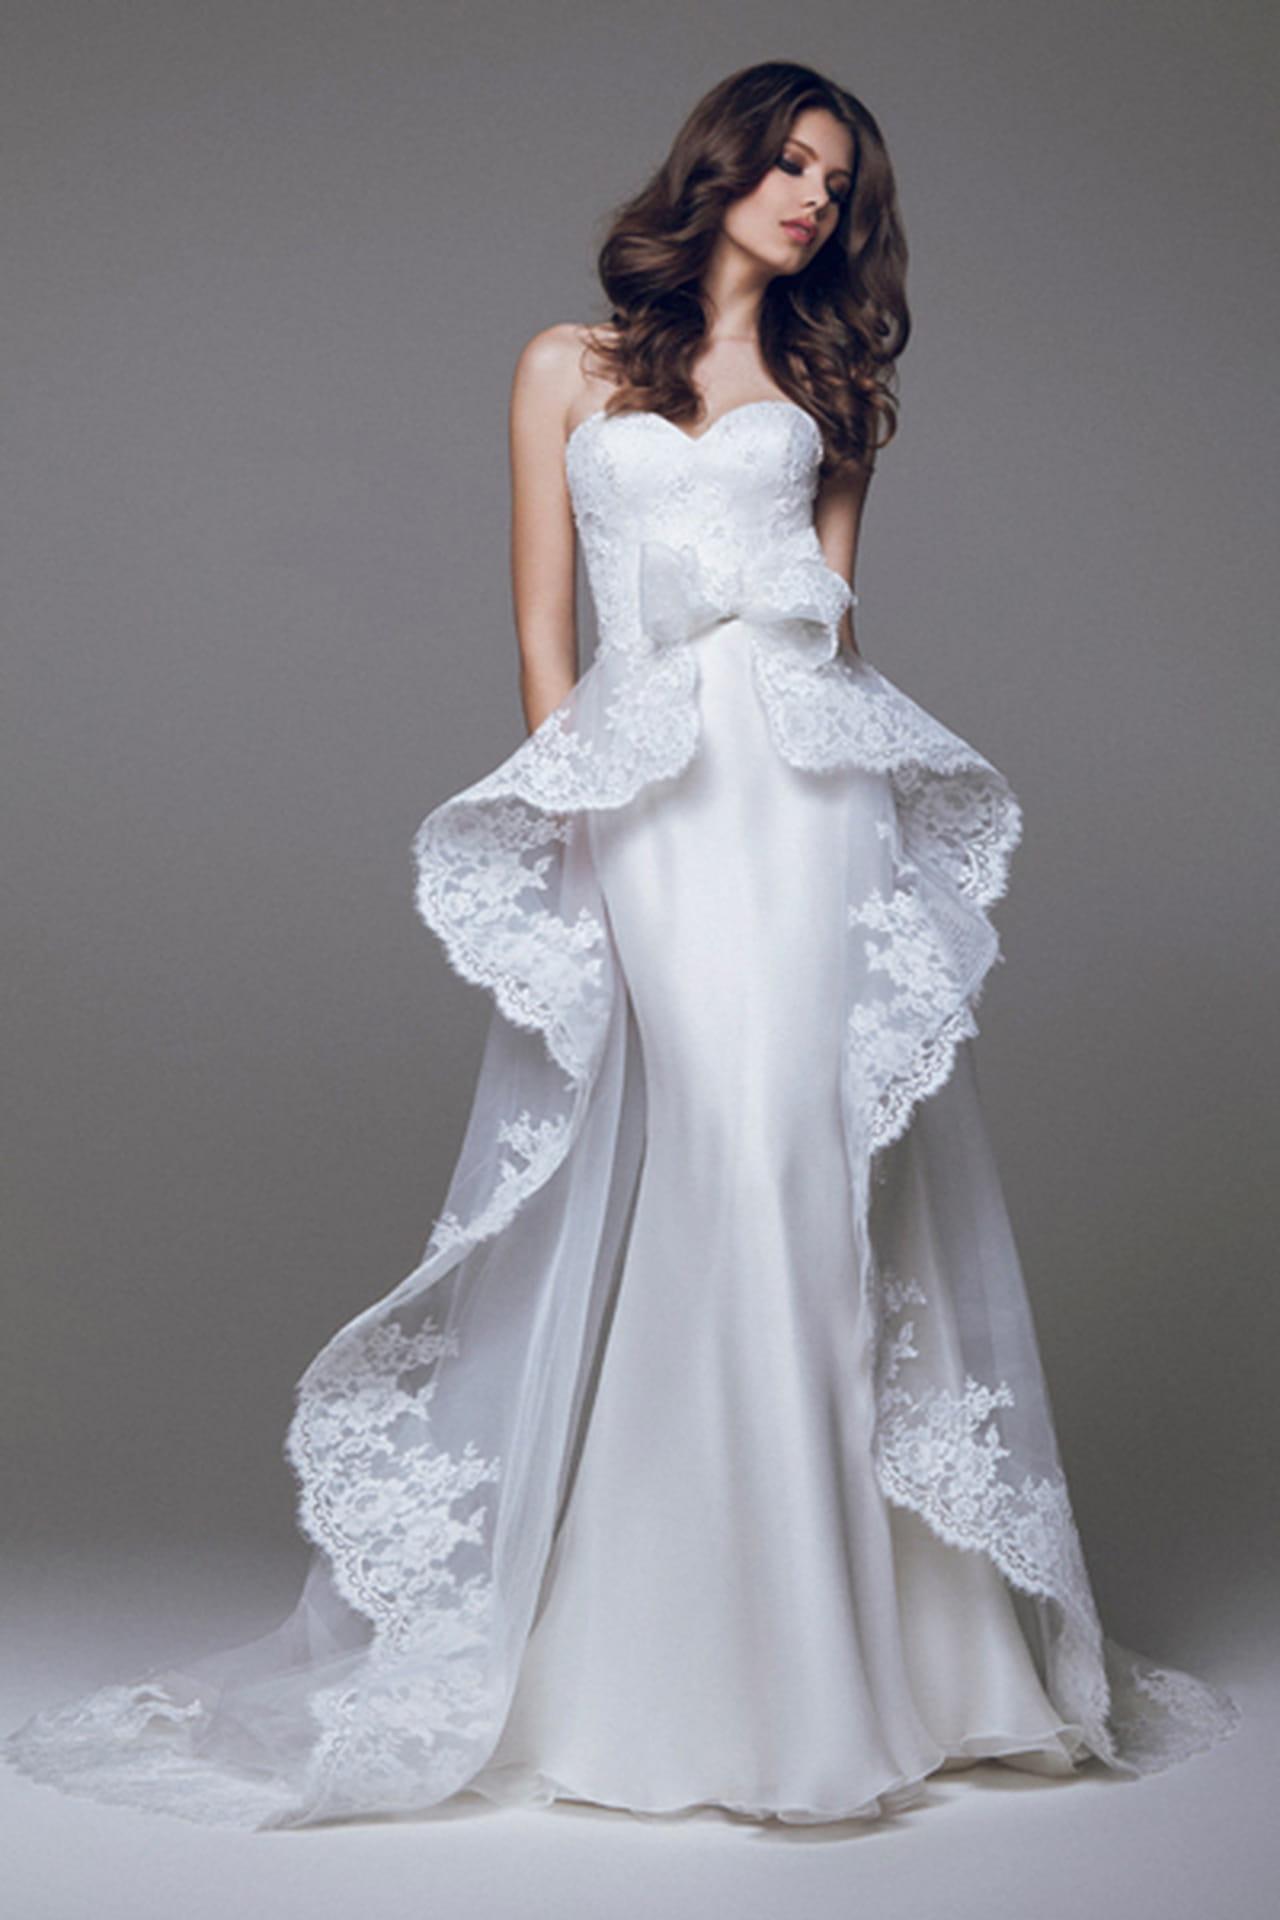 فساتين زفاف العروس الرشيقه ماركة Blumarine بلومارين موضة  2014